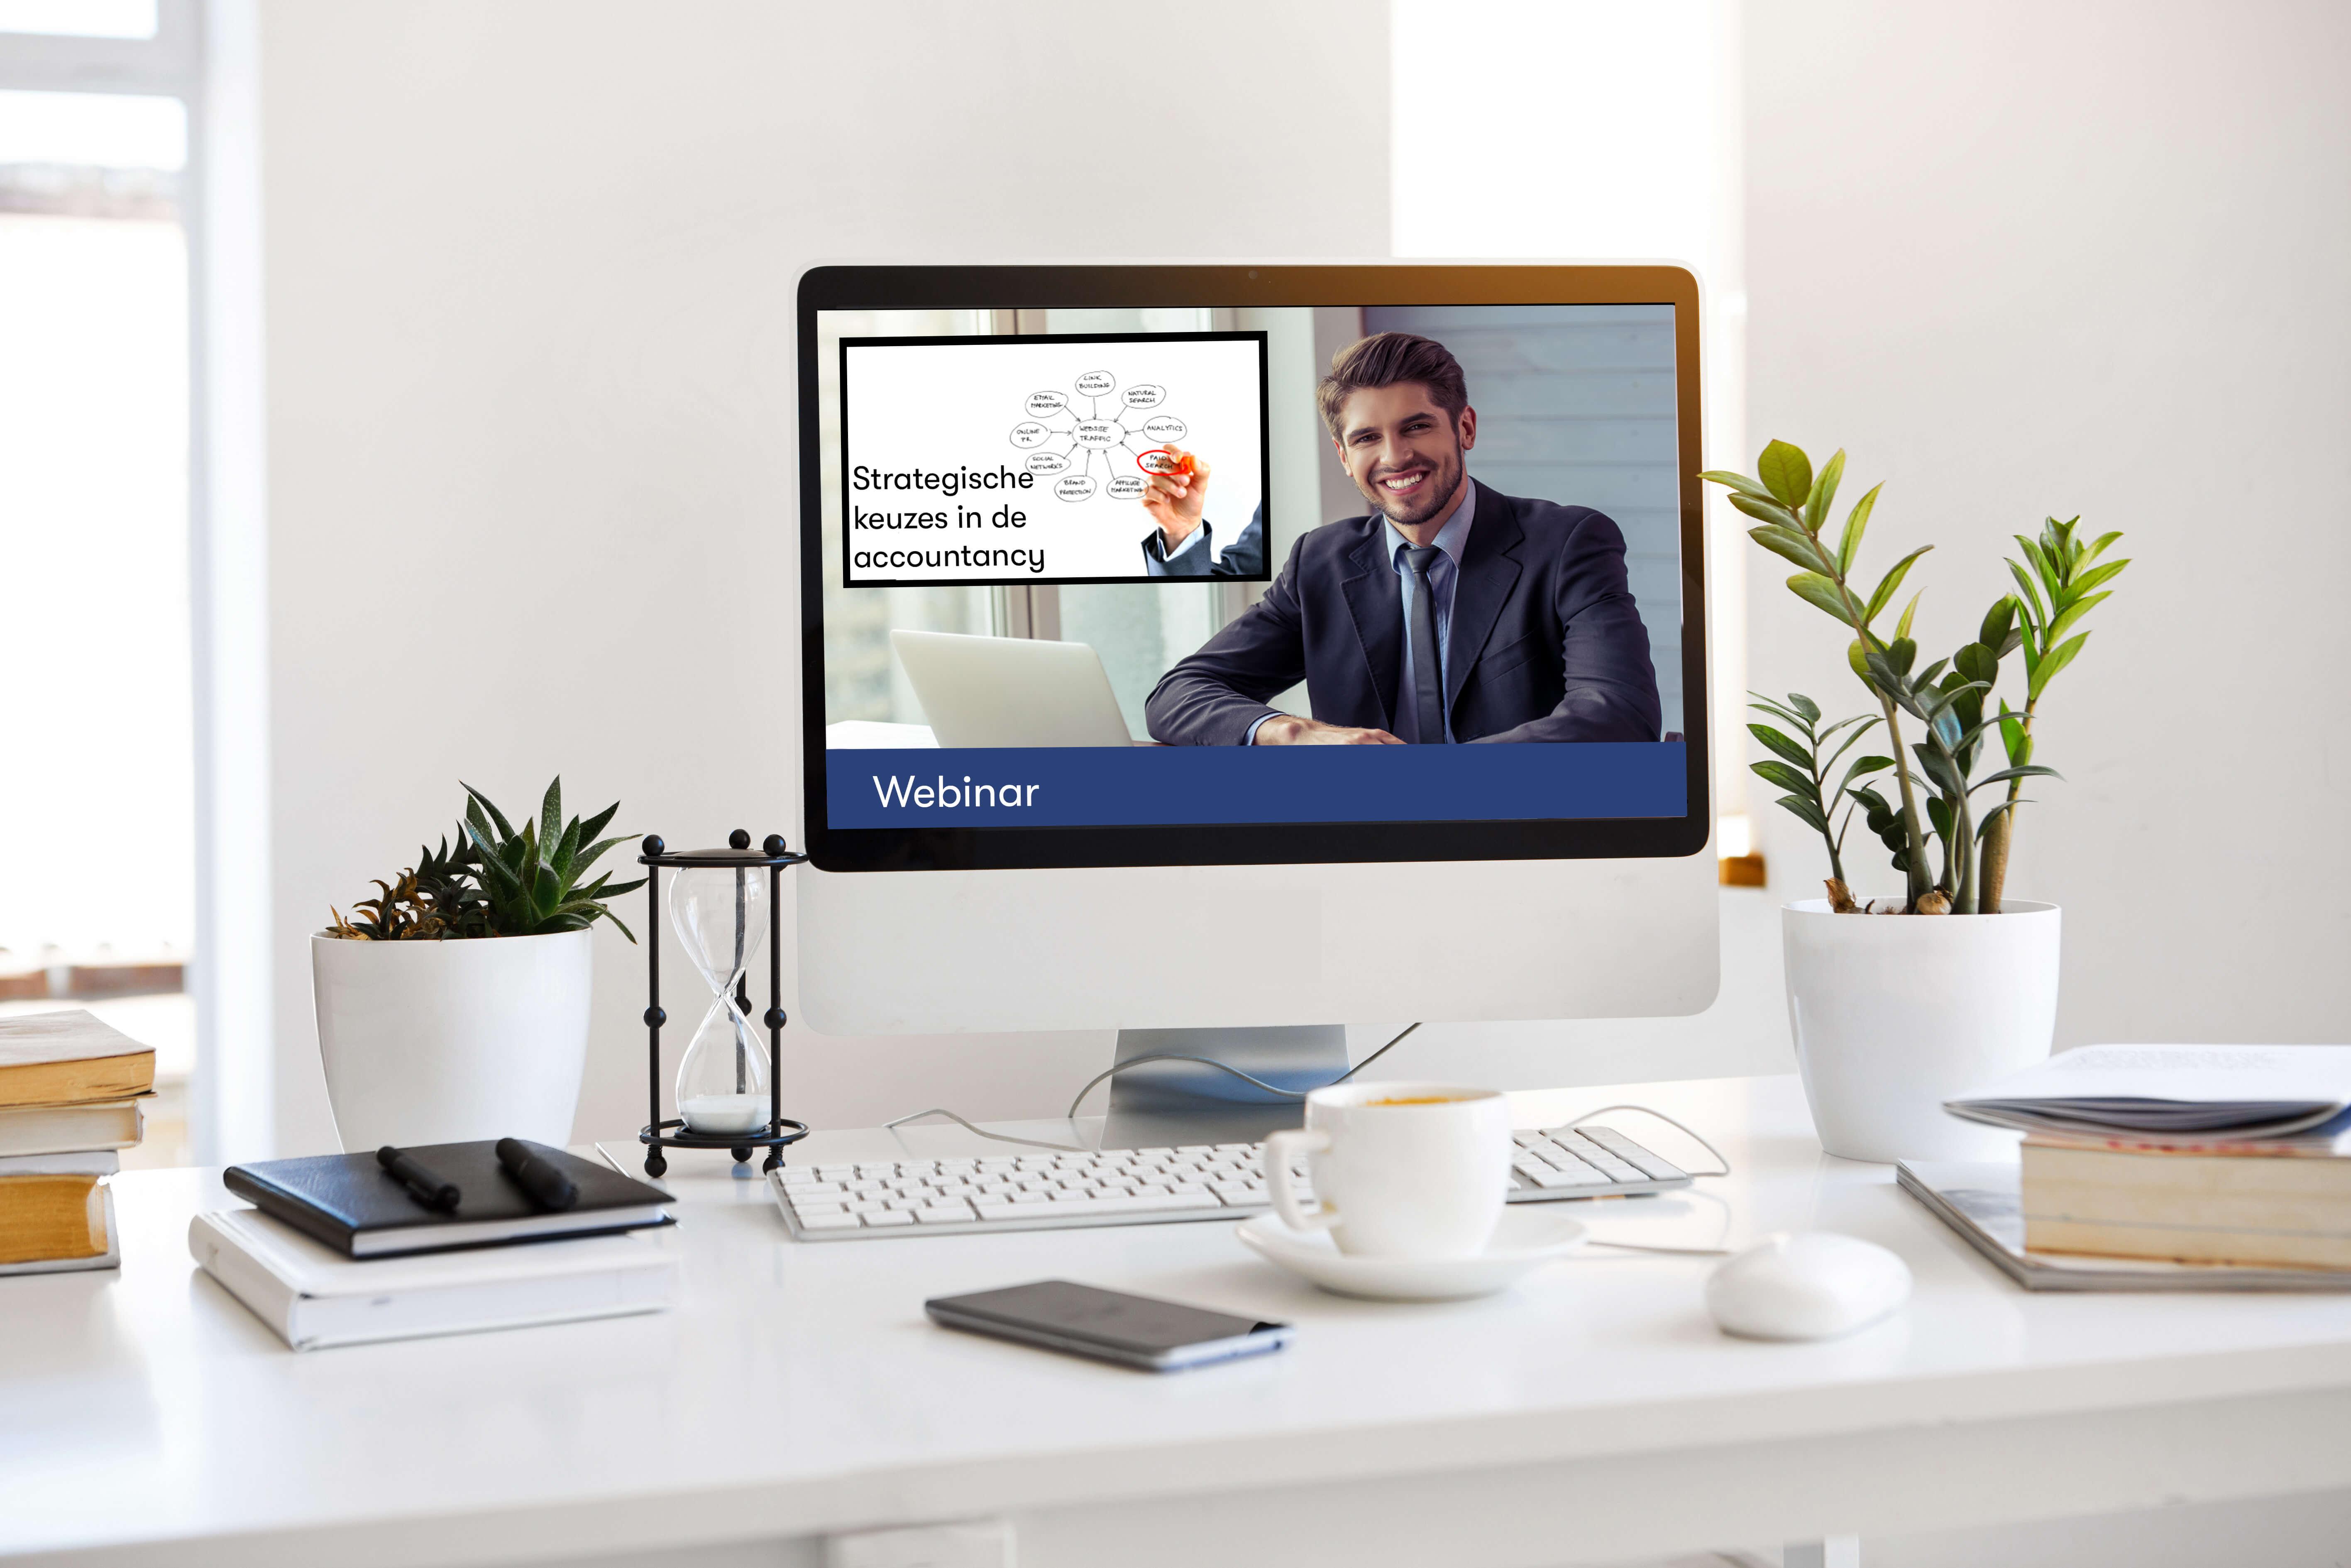 webinar strategische keuzes in de accountancy (1)